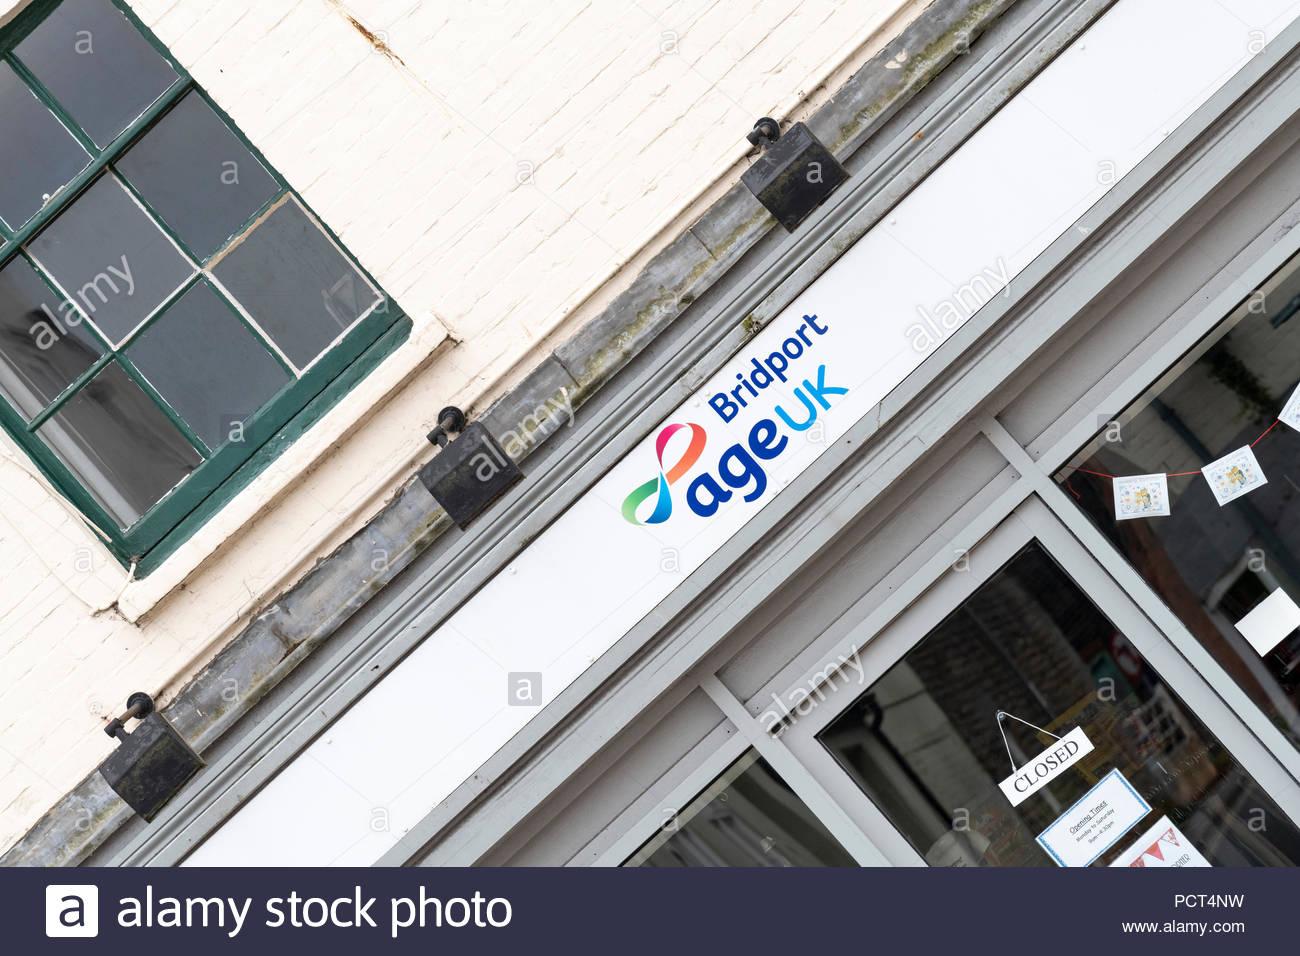 Age UK charity shop, Bridport, Dorset, England, Britain, Europe UK GB - Stock Image